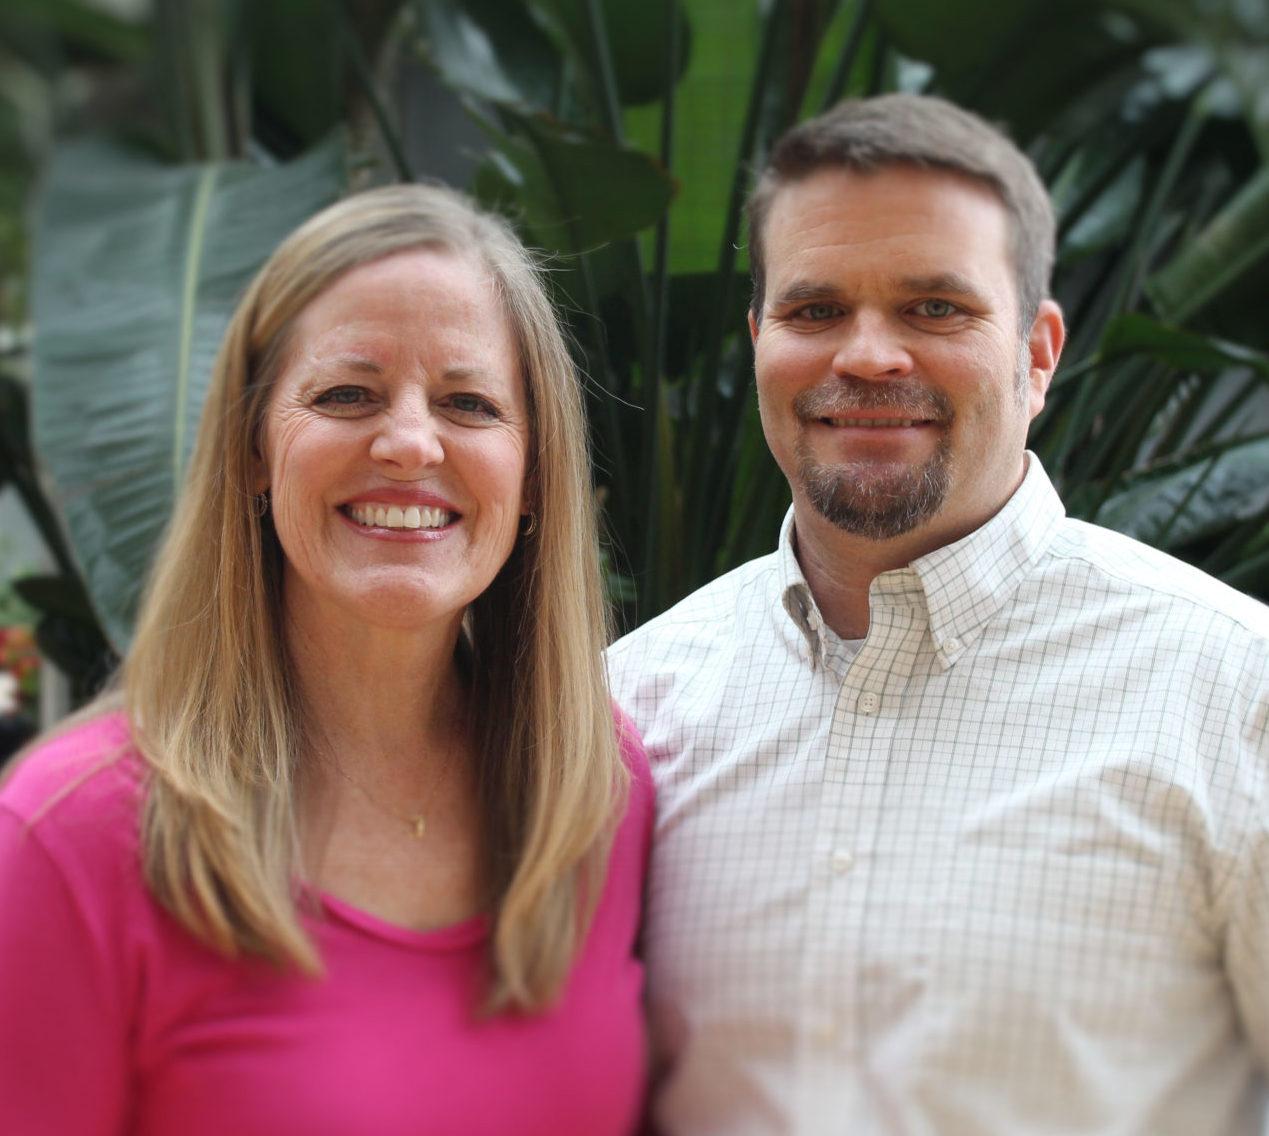 Lifetime Adoptive Parents Dan and Michelle